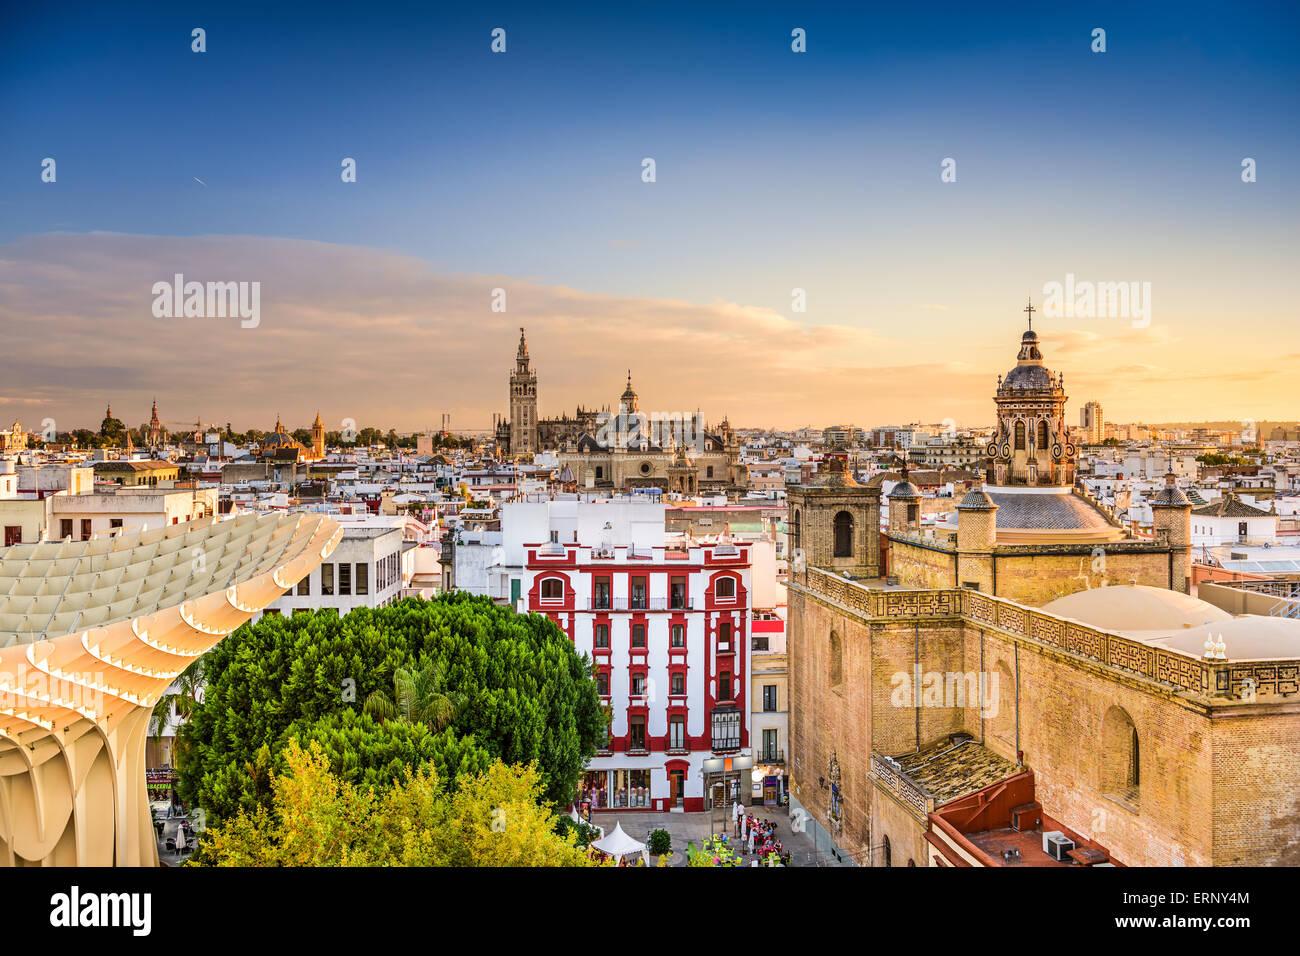 Sevilla, España barrio antiguo skyline al atardecer. Imagen De Stock